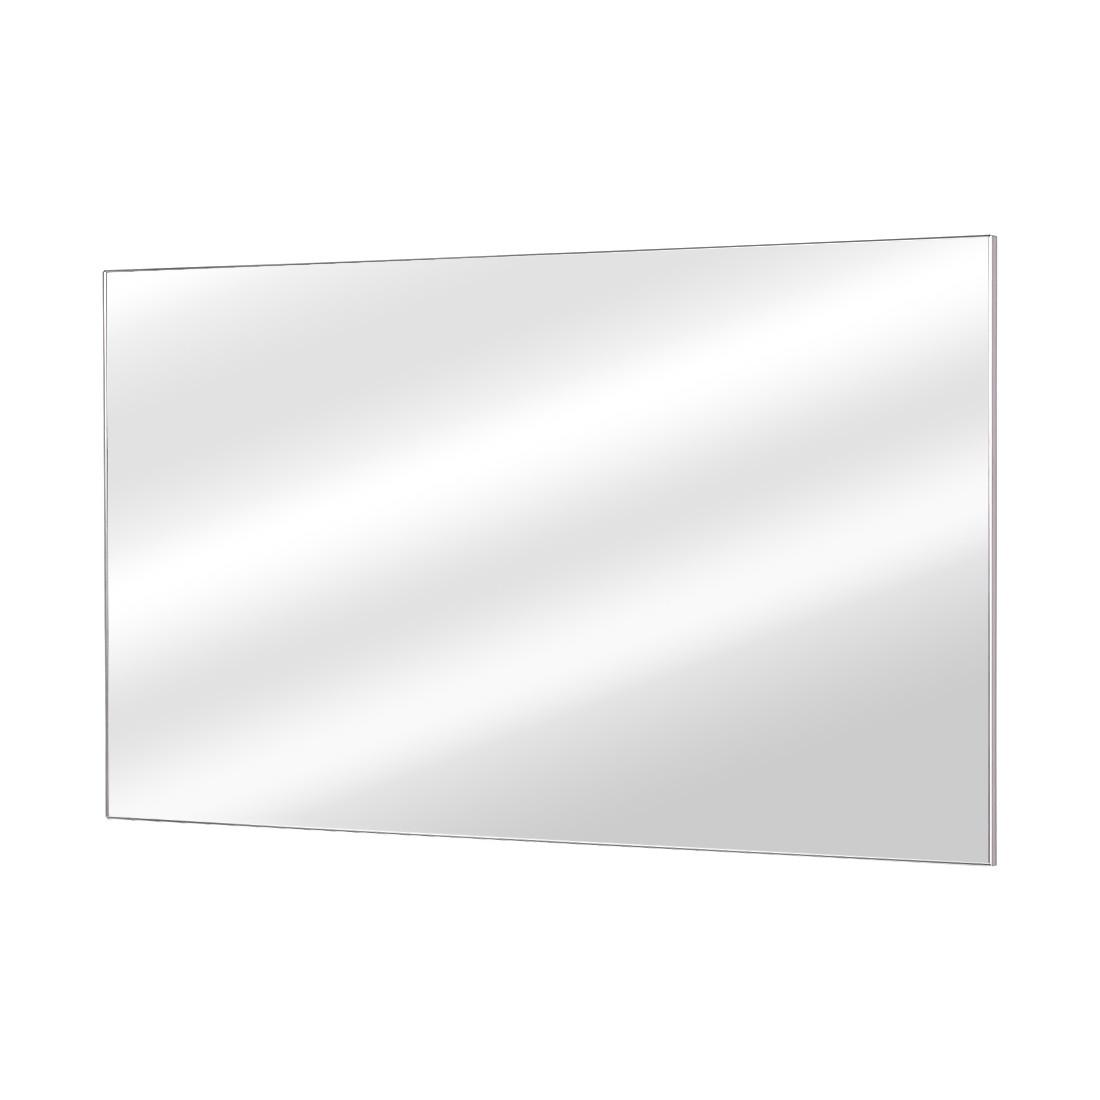 Spiegel Primus – Weiß foliert, Top Square kaufen